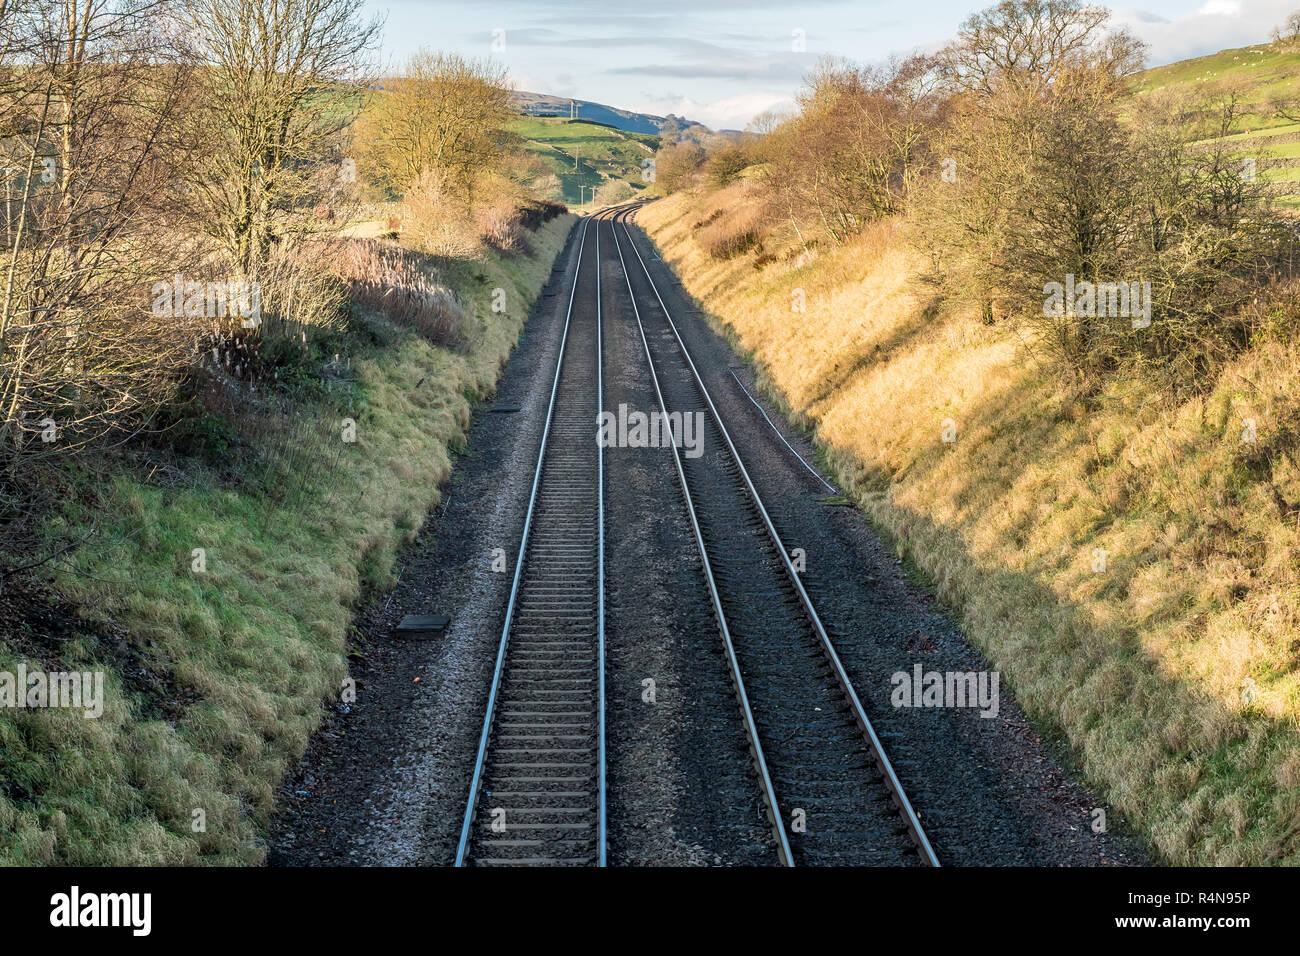 Settle Carlisle railway track - Stock Image